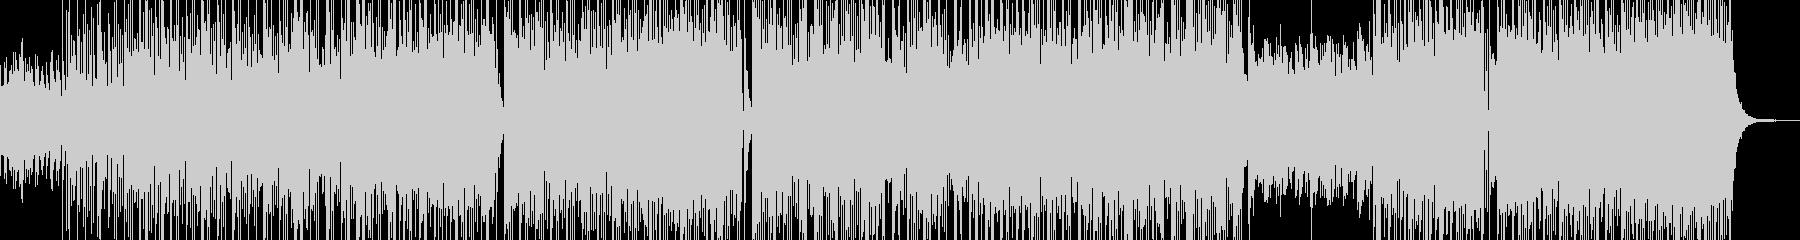 異国の旅・バグパイプポップ Cの未再生の波形